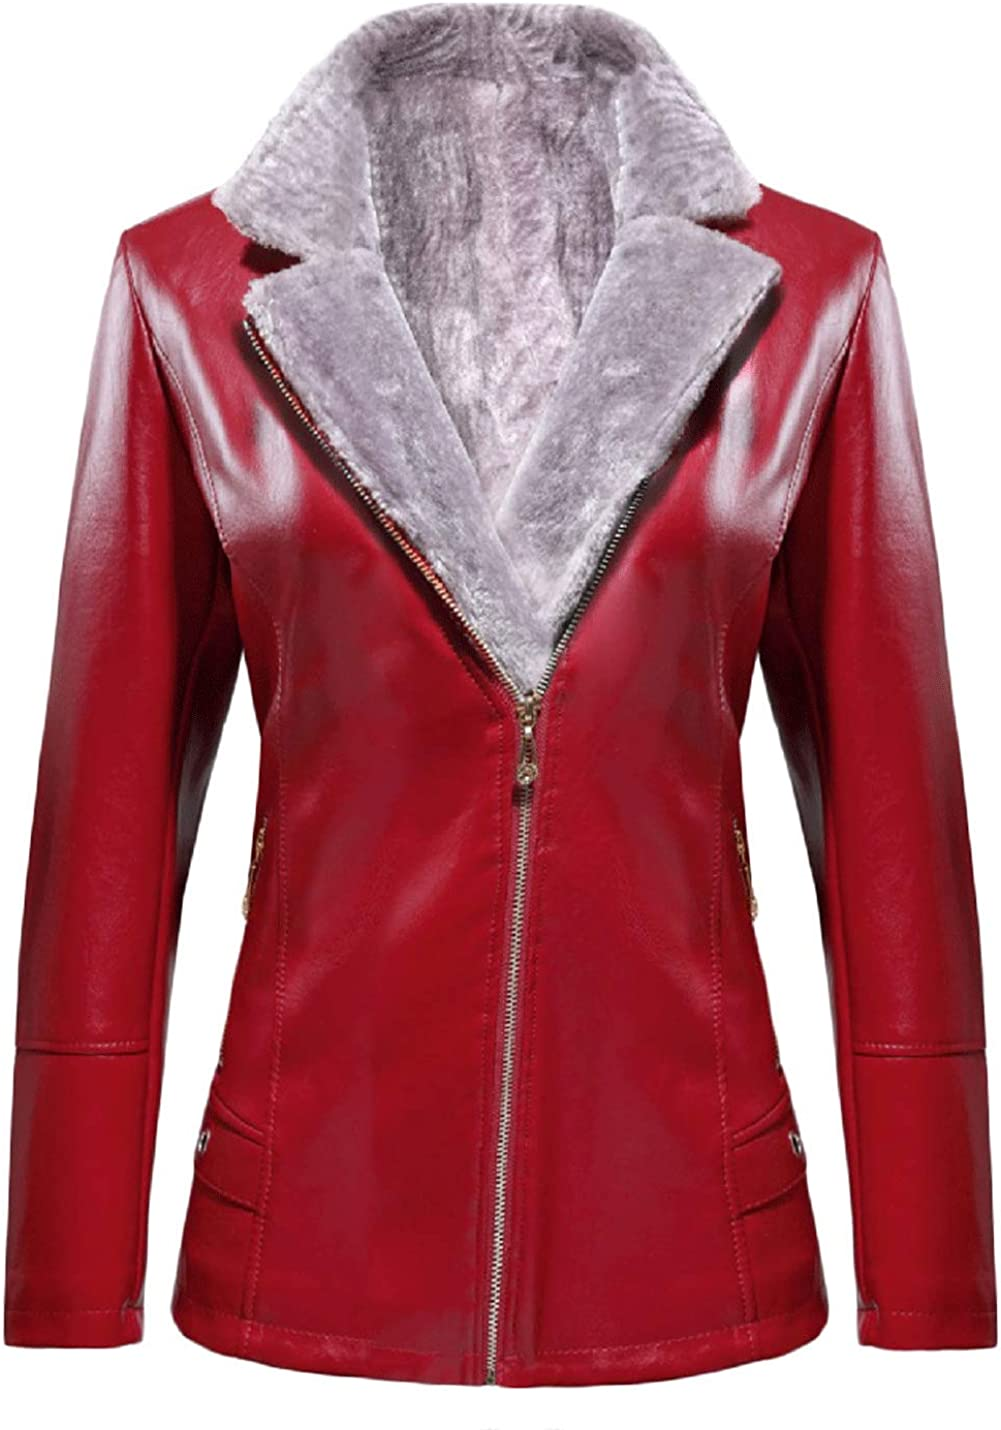 Jenkoon Women's Thicken Fur Lined Faux Leather Jacket Winter Shearling Coat